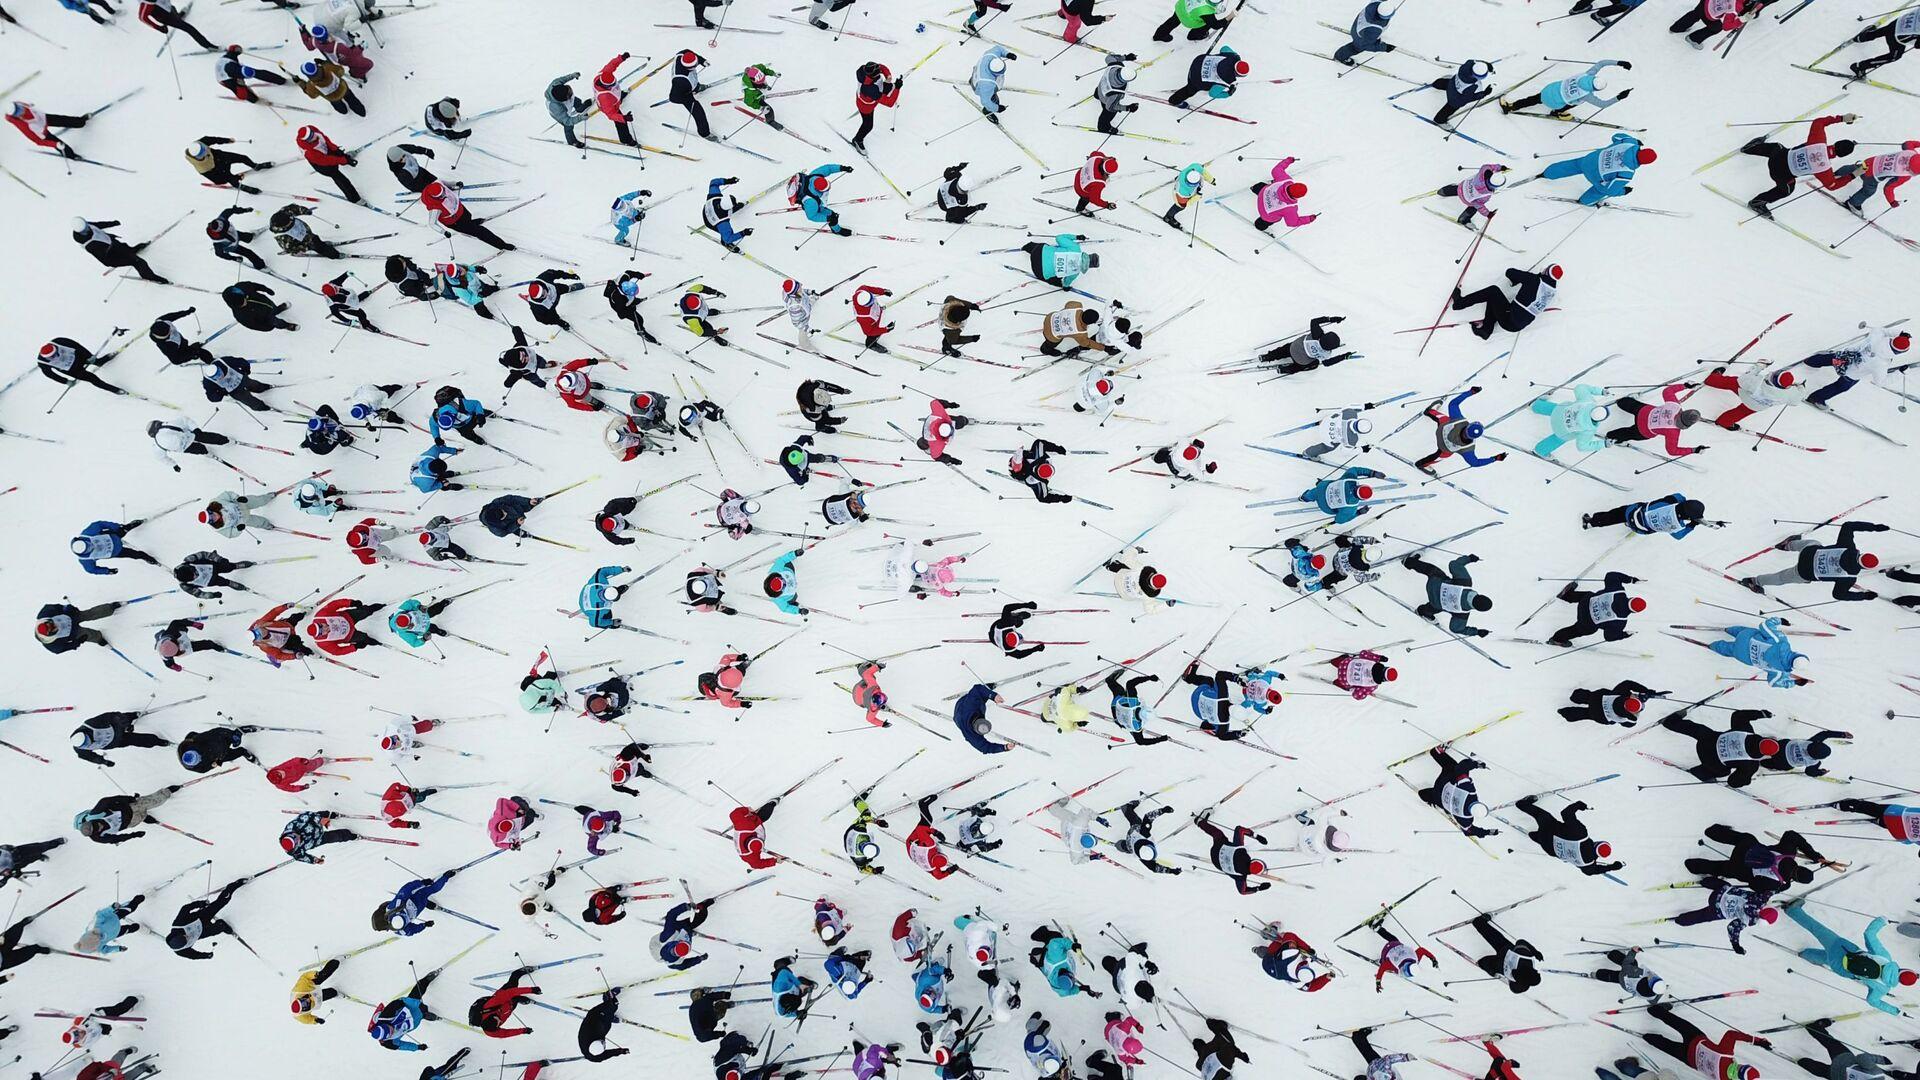 Участники на дистанции Всероссийской массовой лыжной гонки Лыжня России - РИА Новости, 1920, 13.02.2021